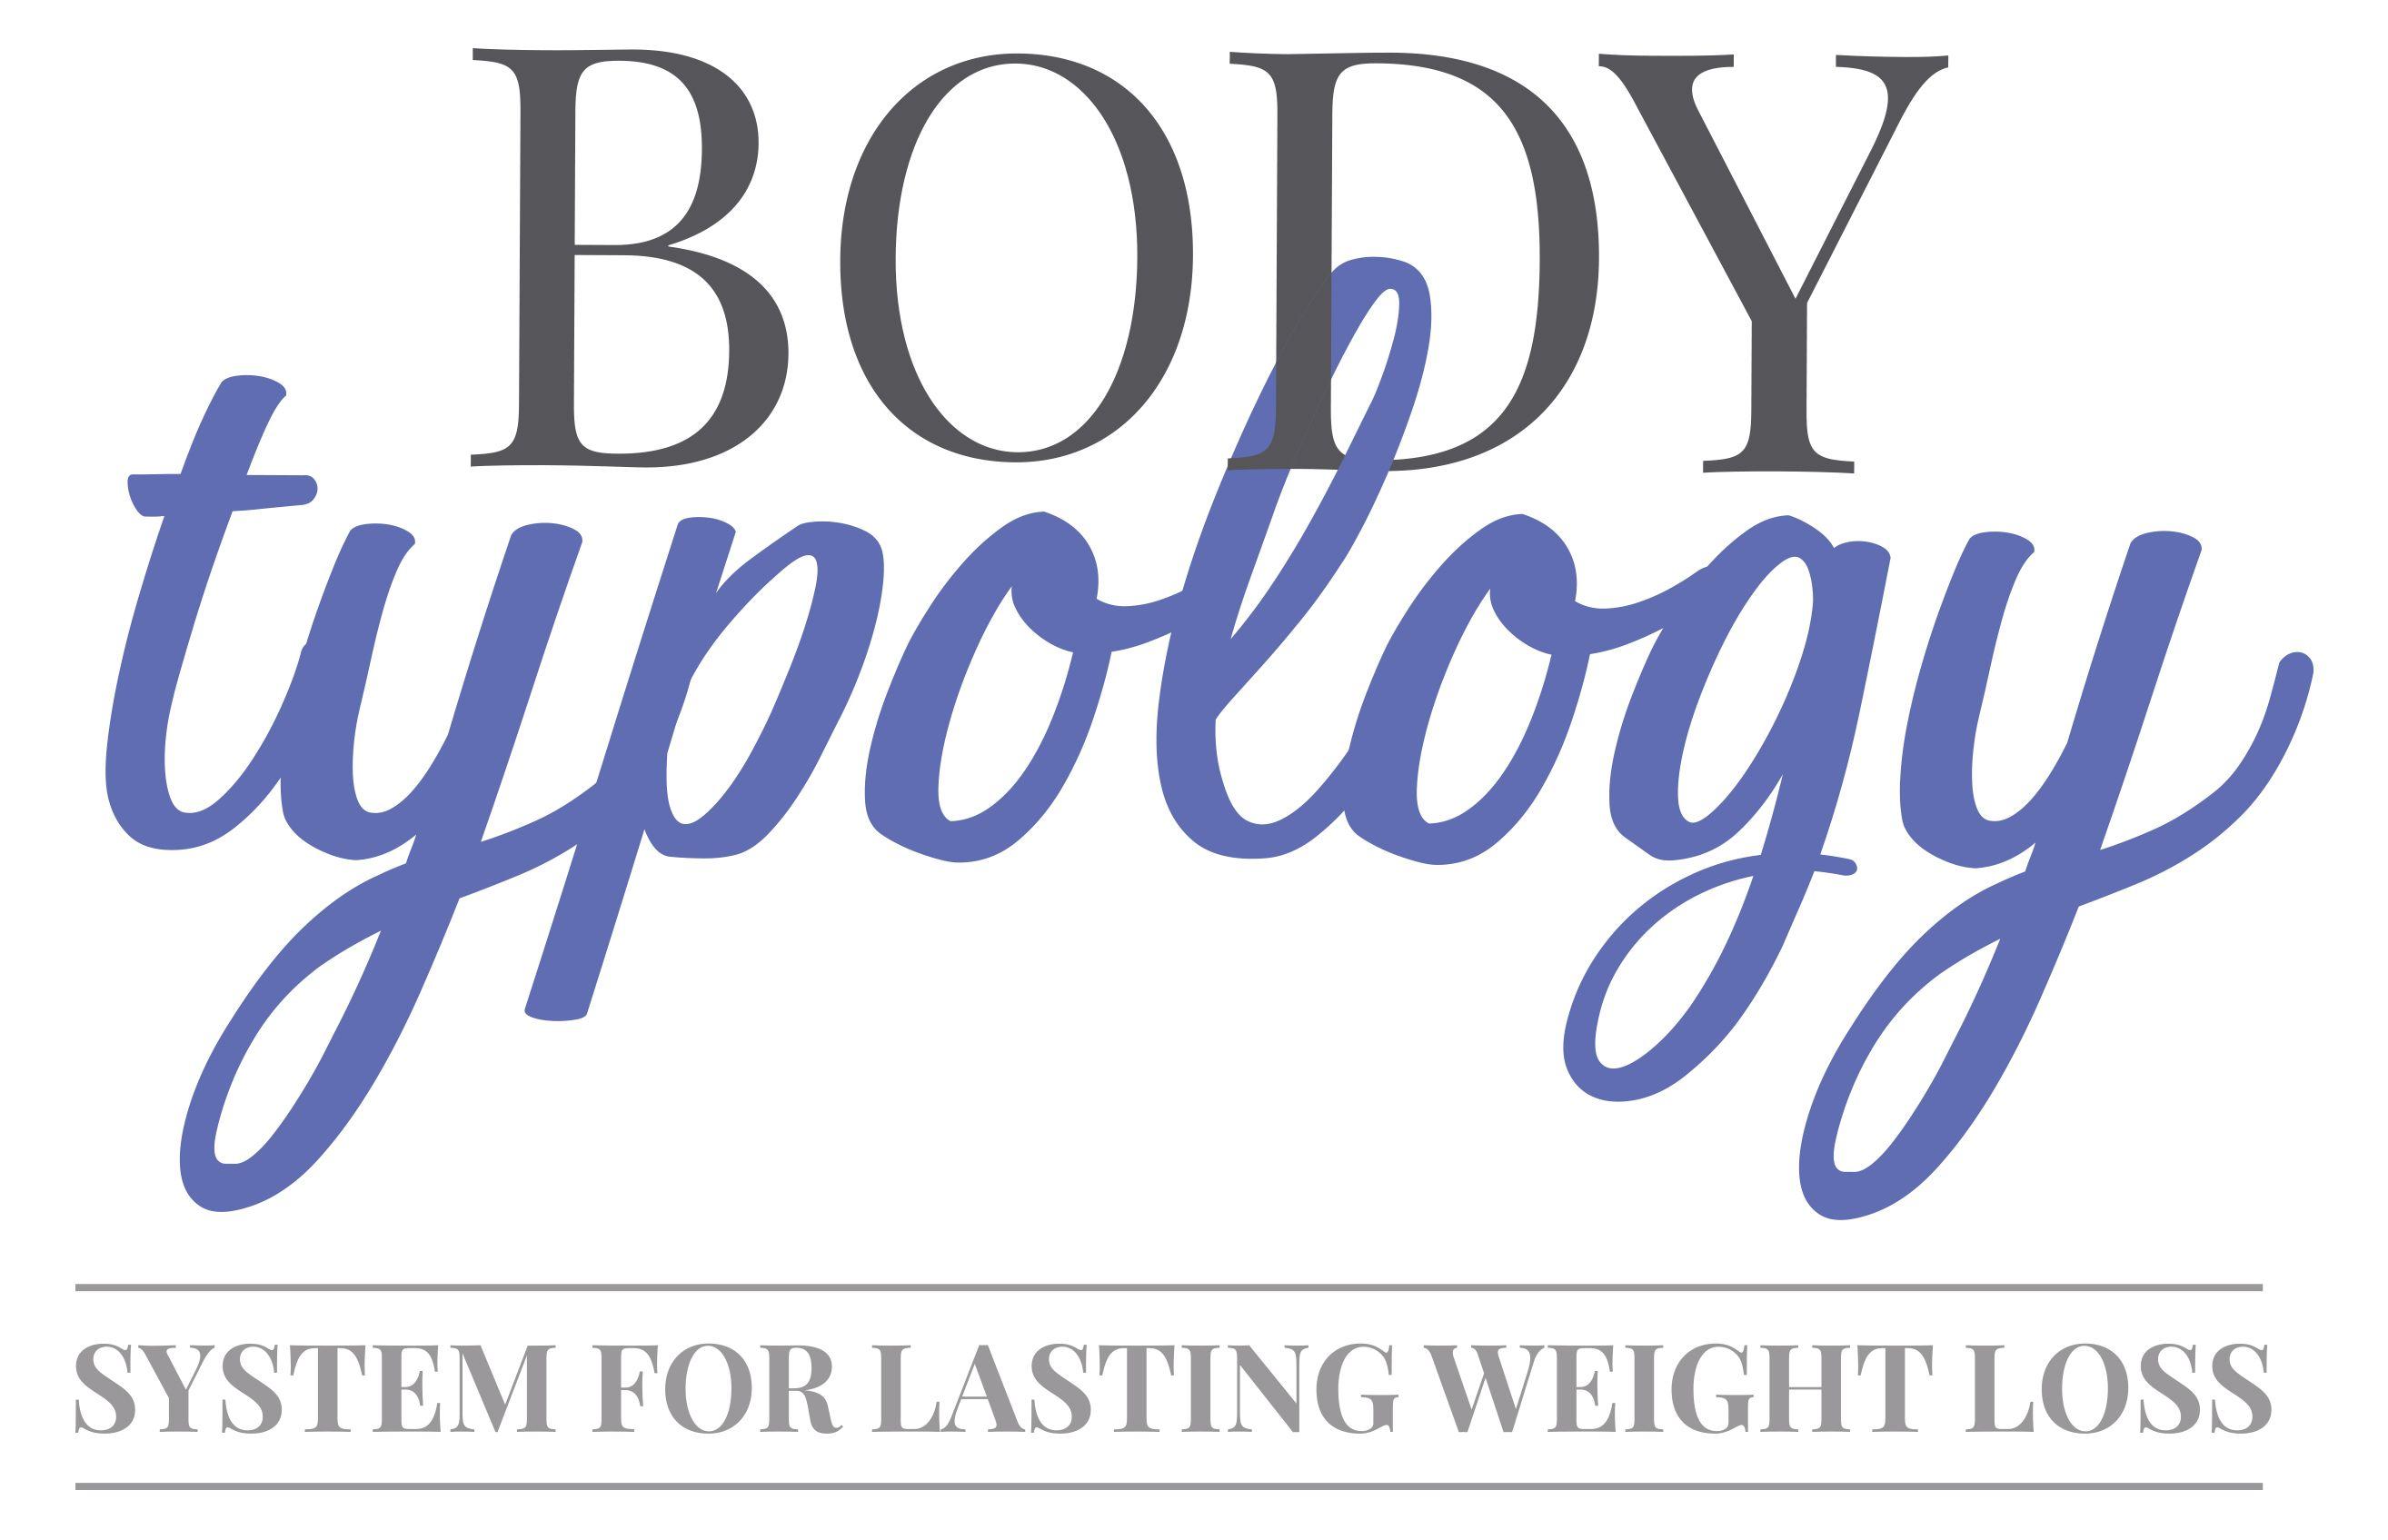 Bodytypology